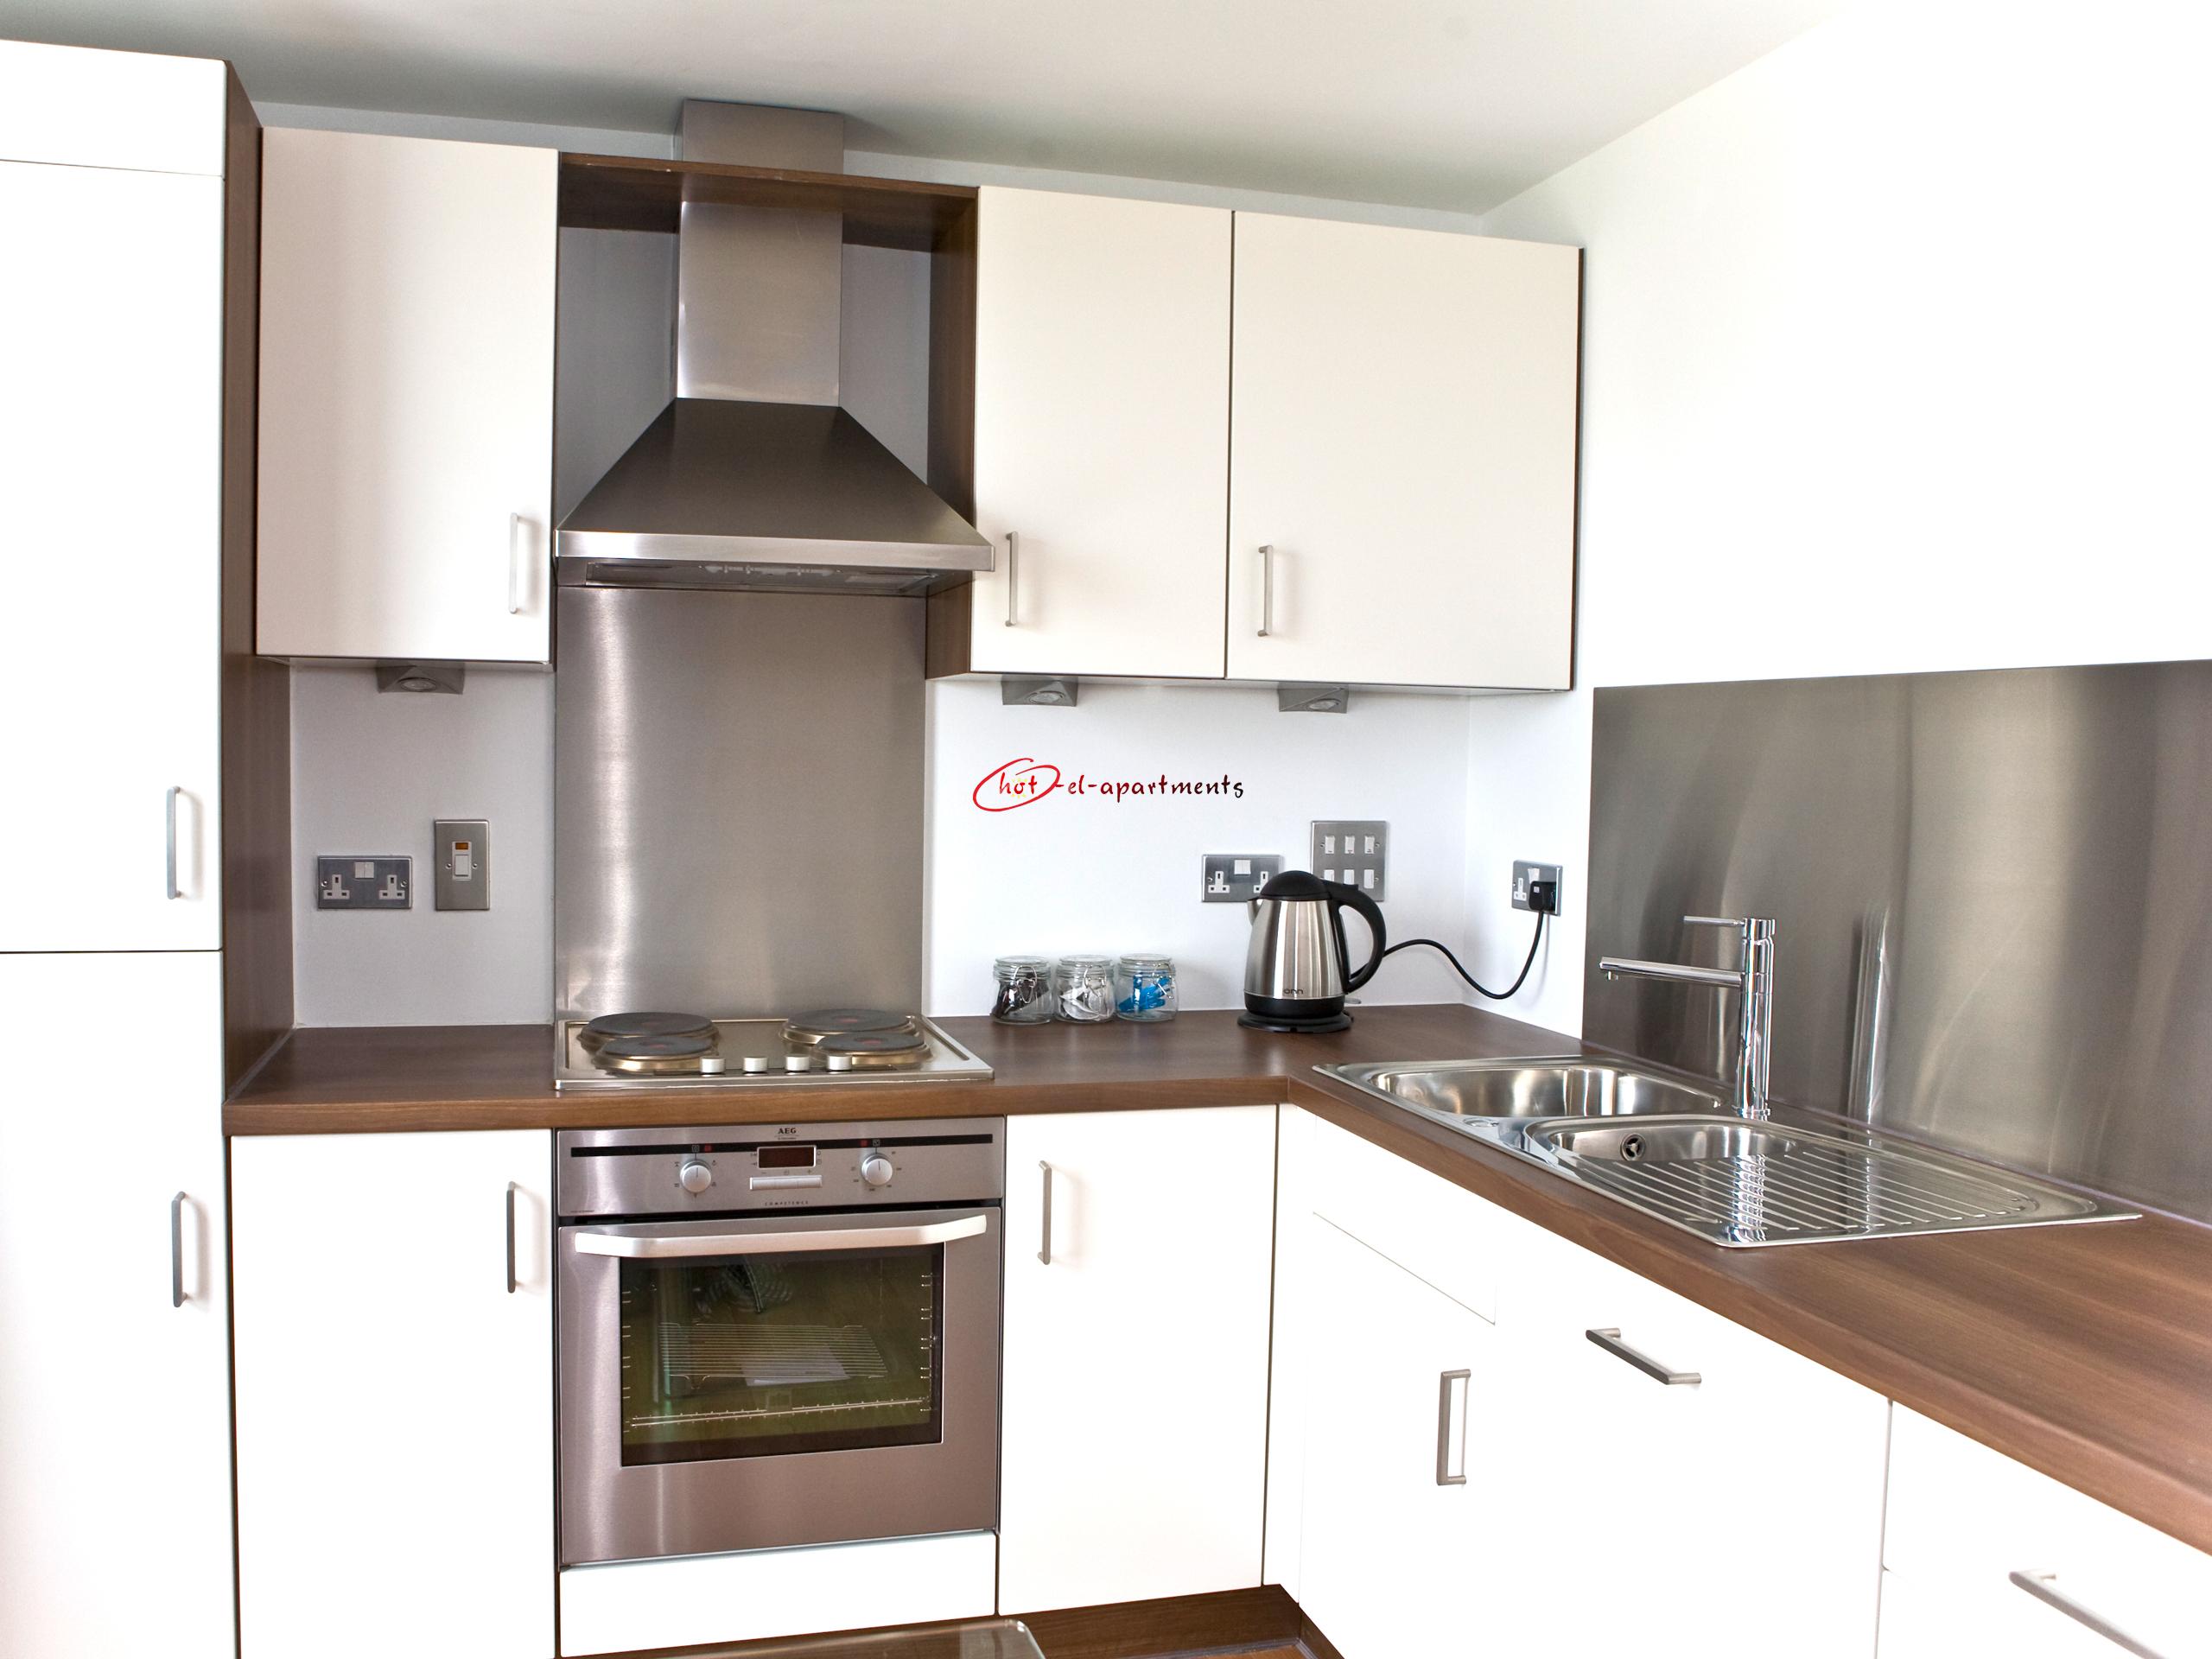 2560x1920 Apartment 1 desktop PC and Mac wallpaper 2560x1920